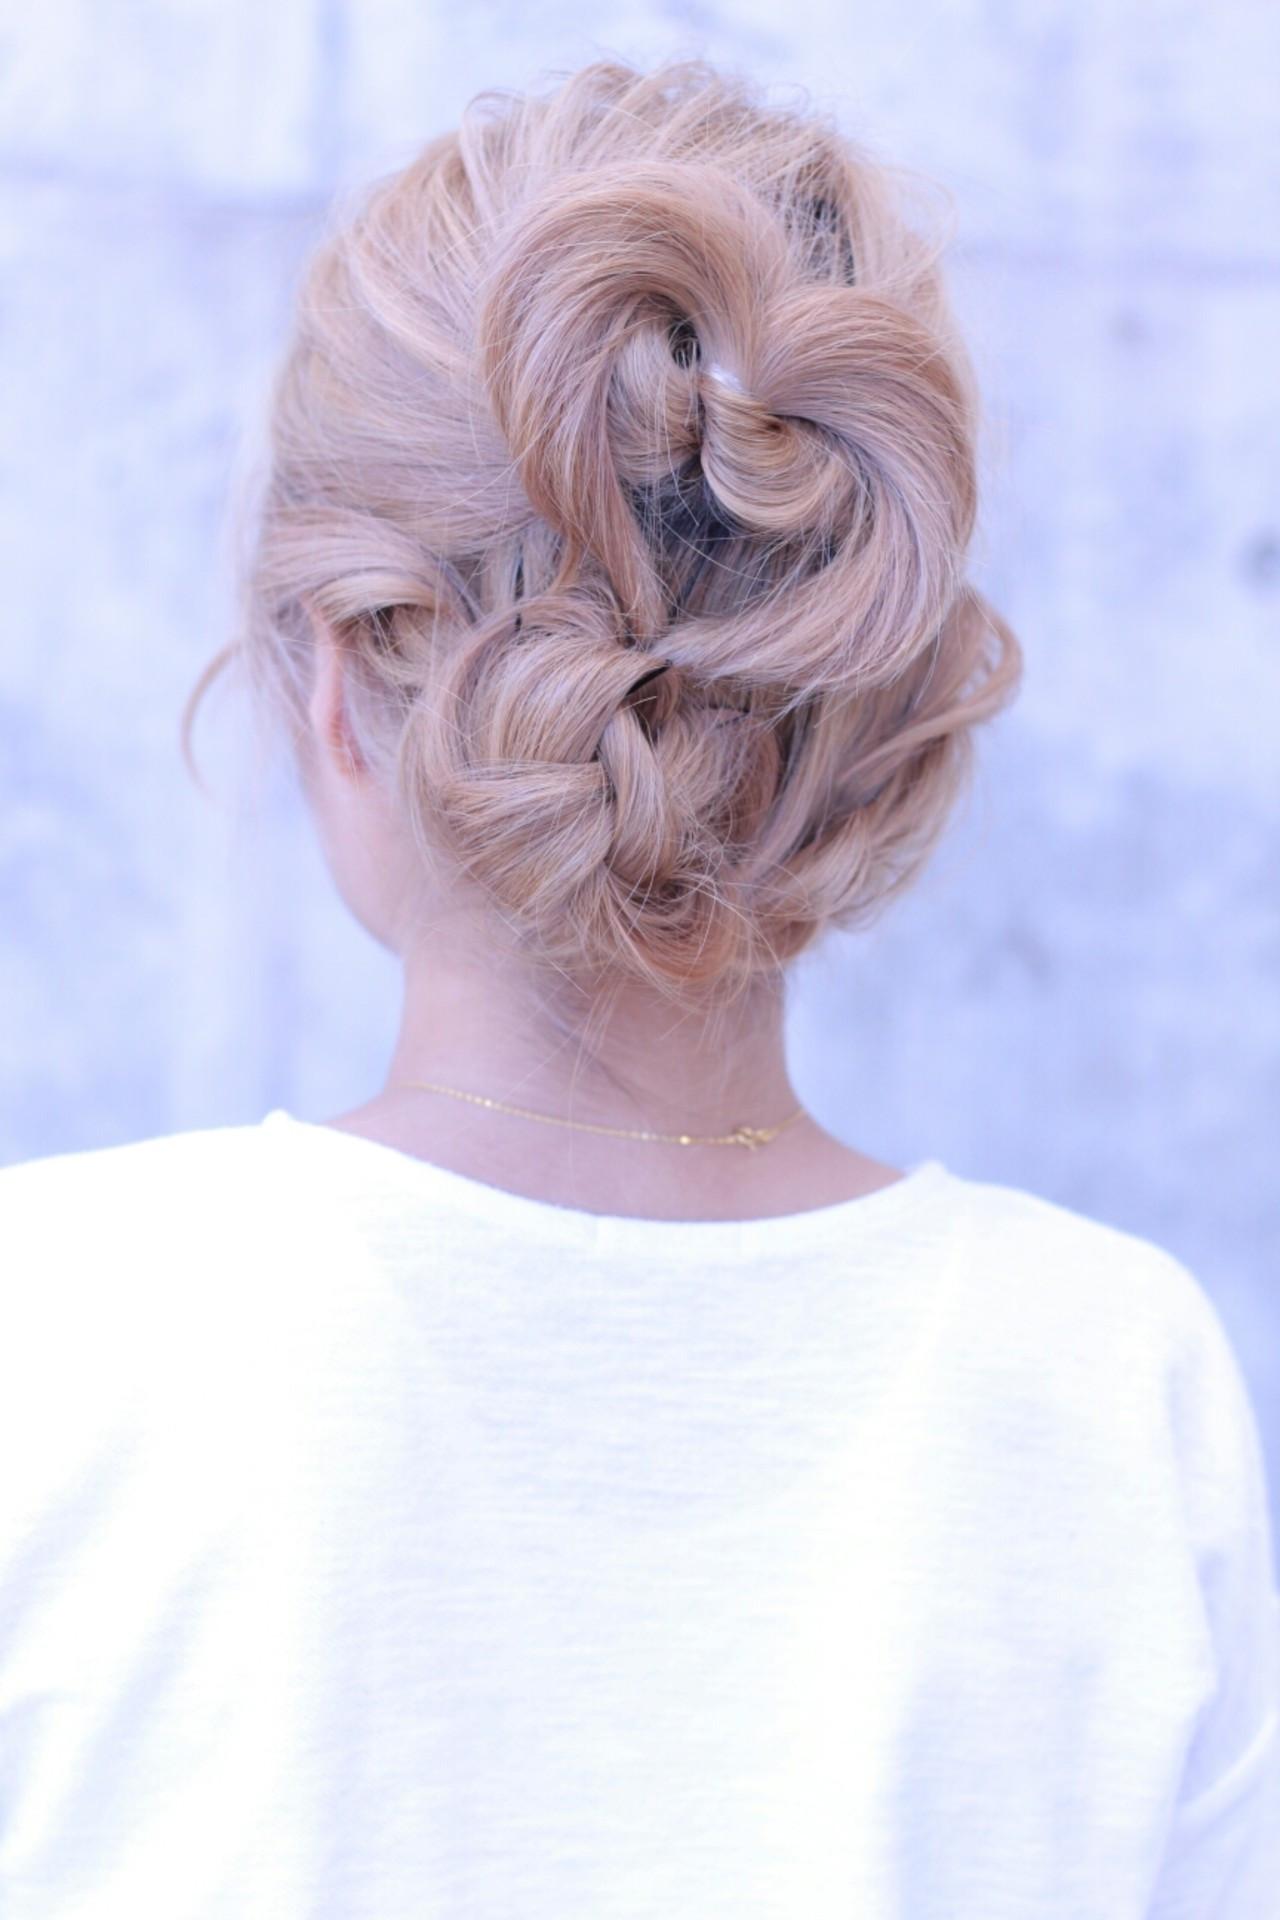 ハートモチーフでガーリーに♡とびきり可愛くなれちゃうハートのヘアアレンジ10選 Wataru Maeda